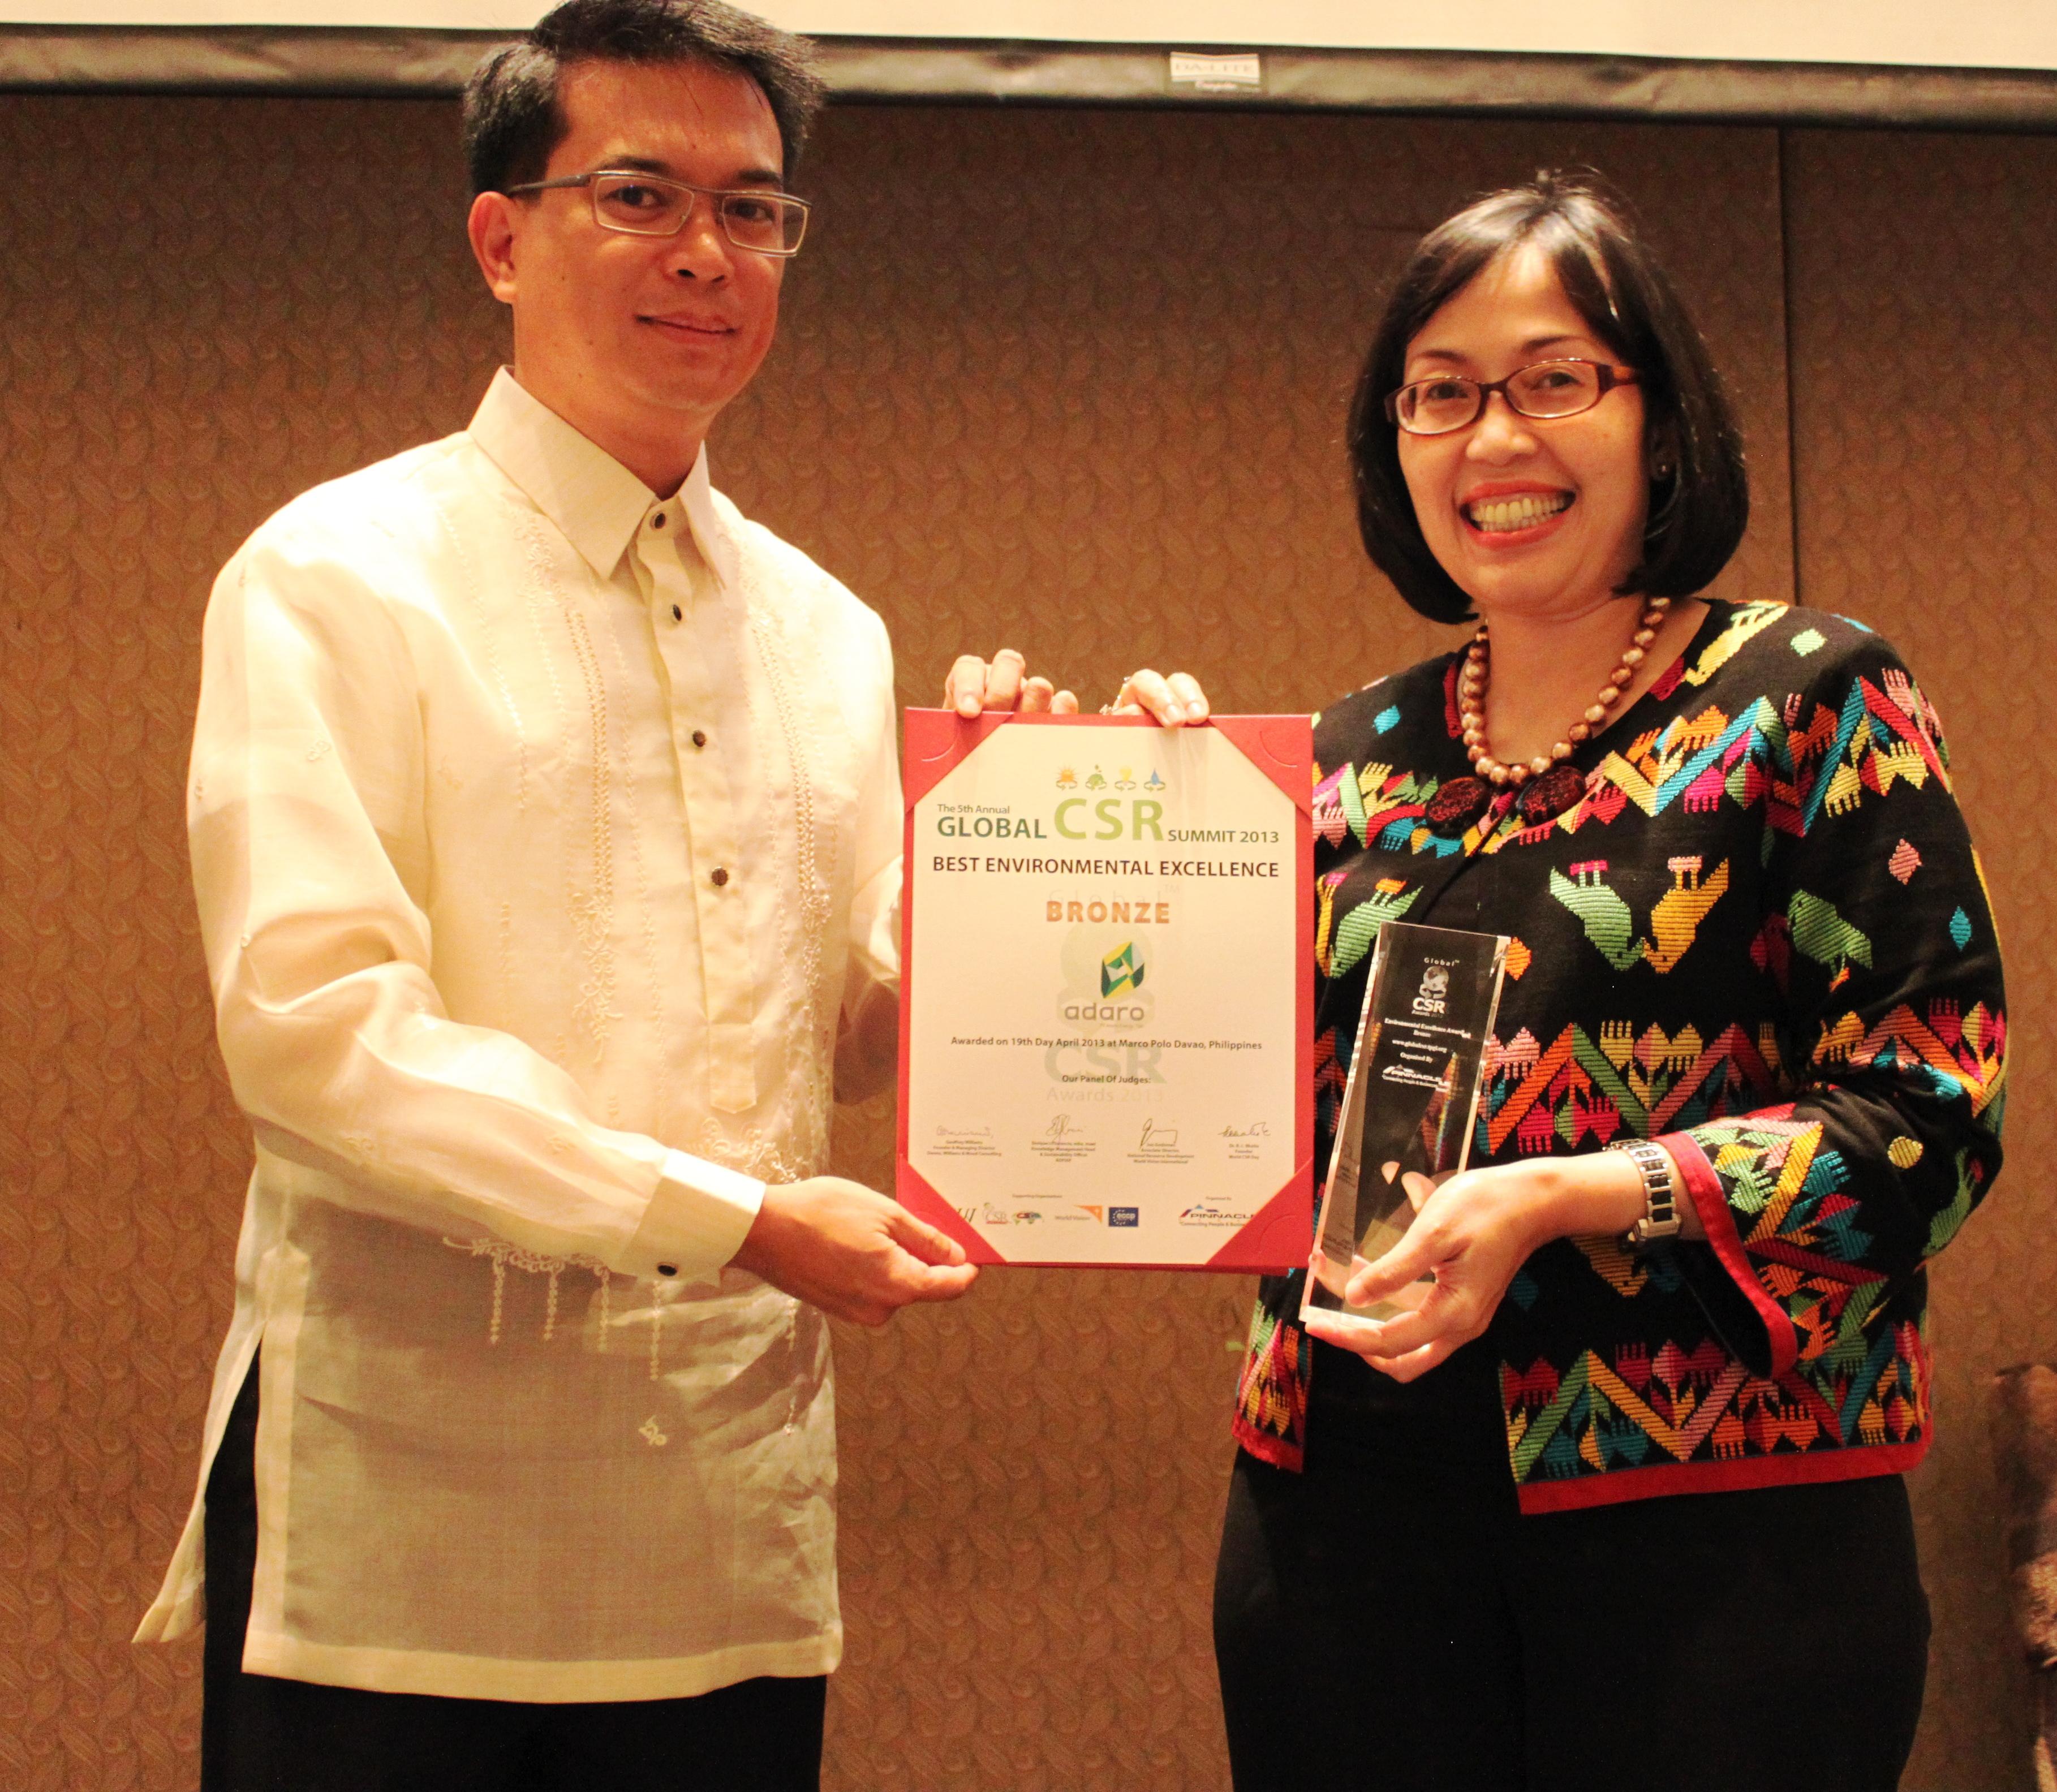 Berkat Air Adaro Raih Global CSR Award